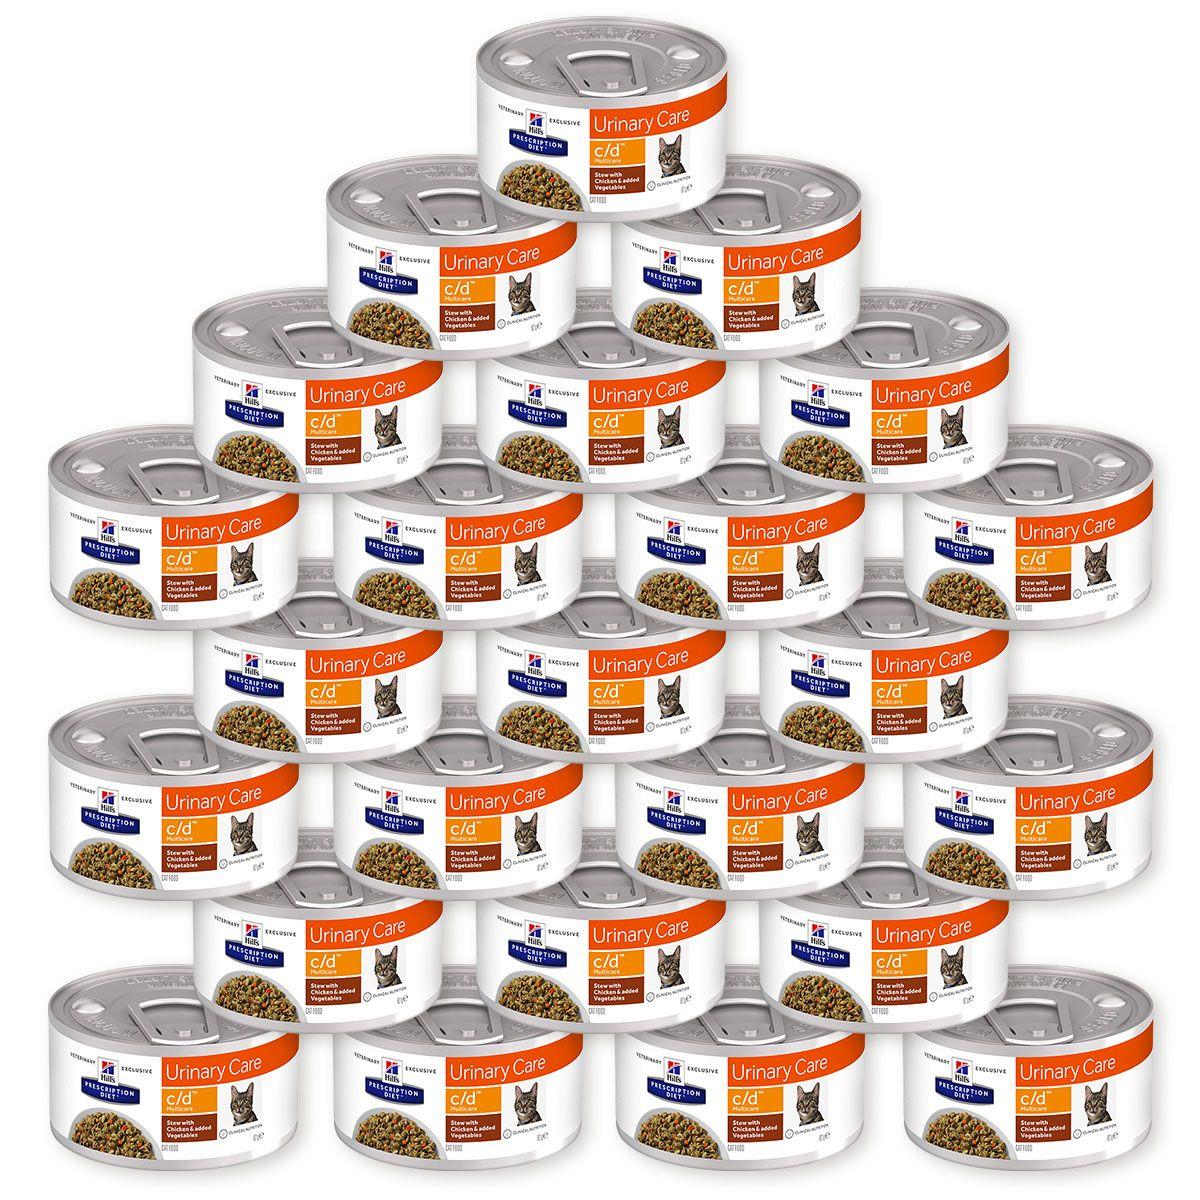 Корм влажный Hill's Prescription Diet c/d Multicare Urinary Care Рагу с курицей и овощами для кошек для поддержания здоровья мочевыводящих путей, 24 шт по 82 г (9444)